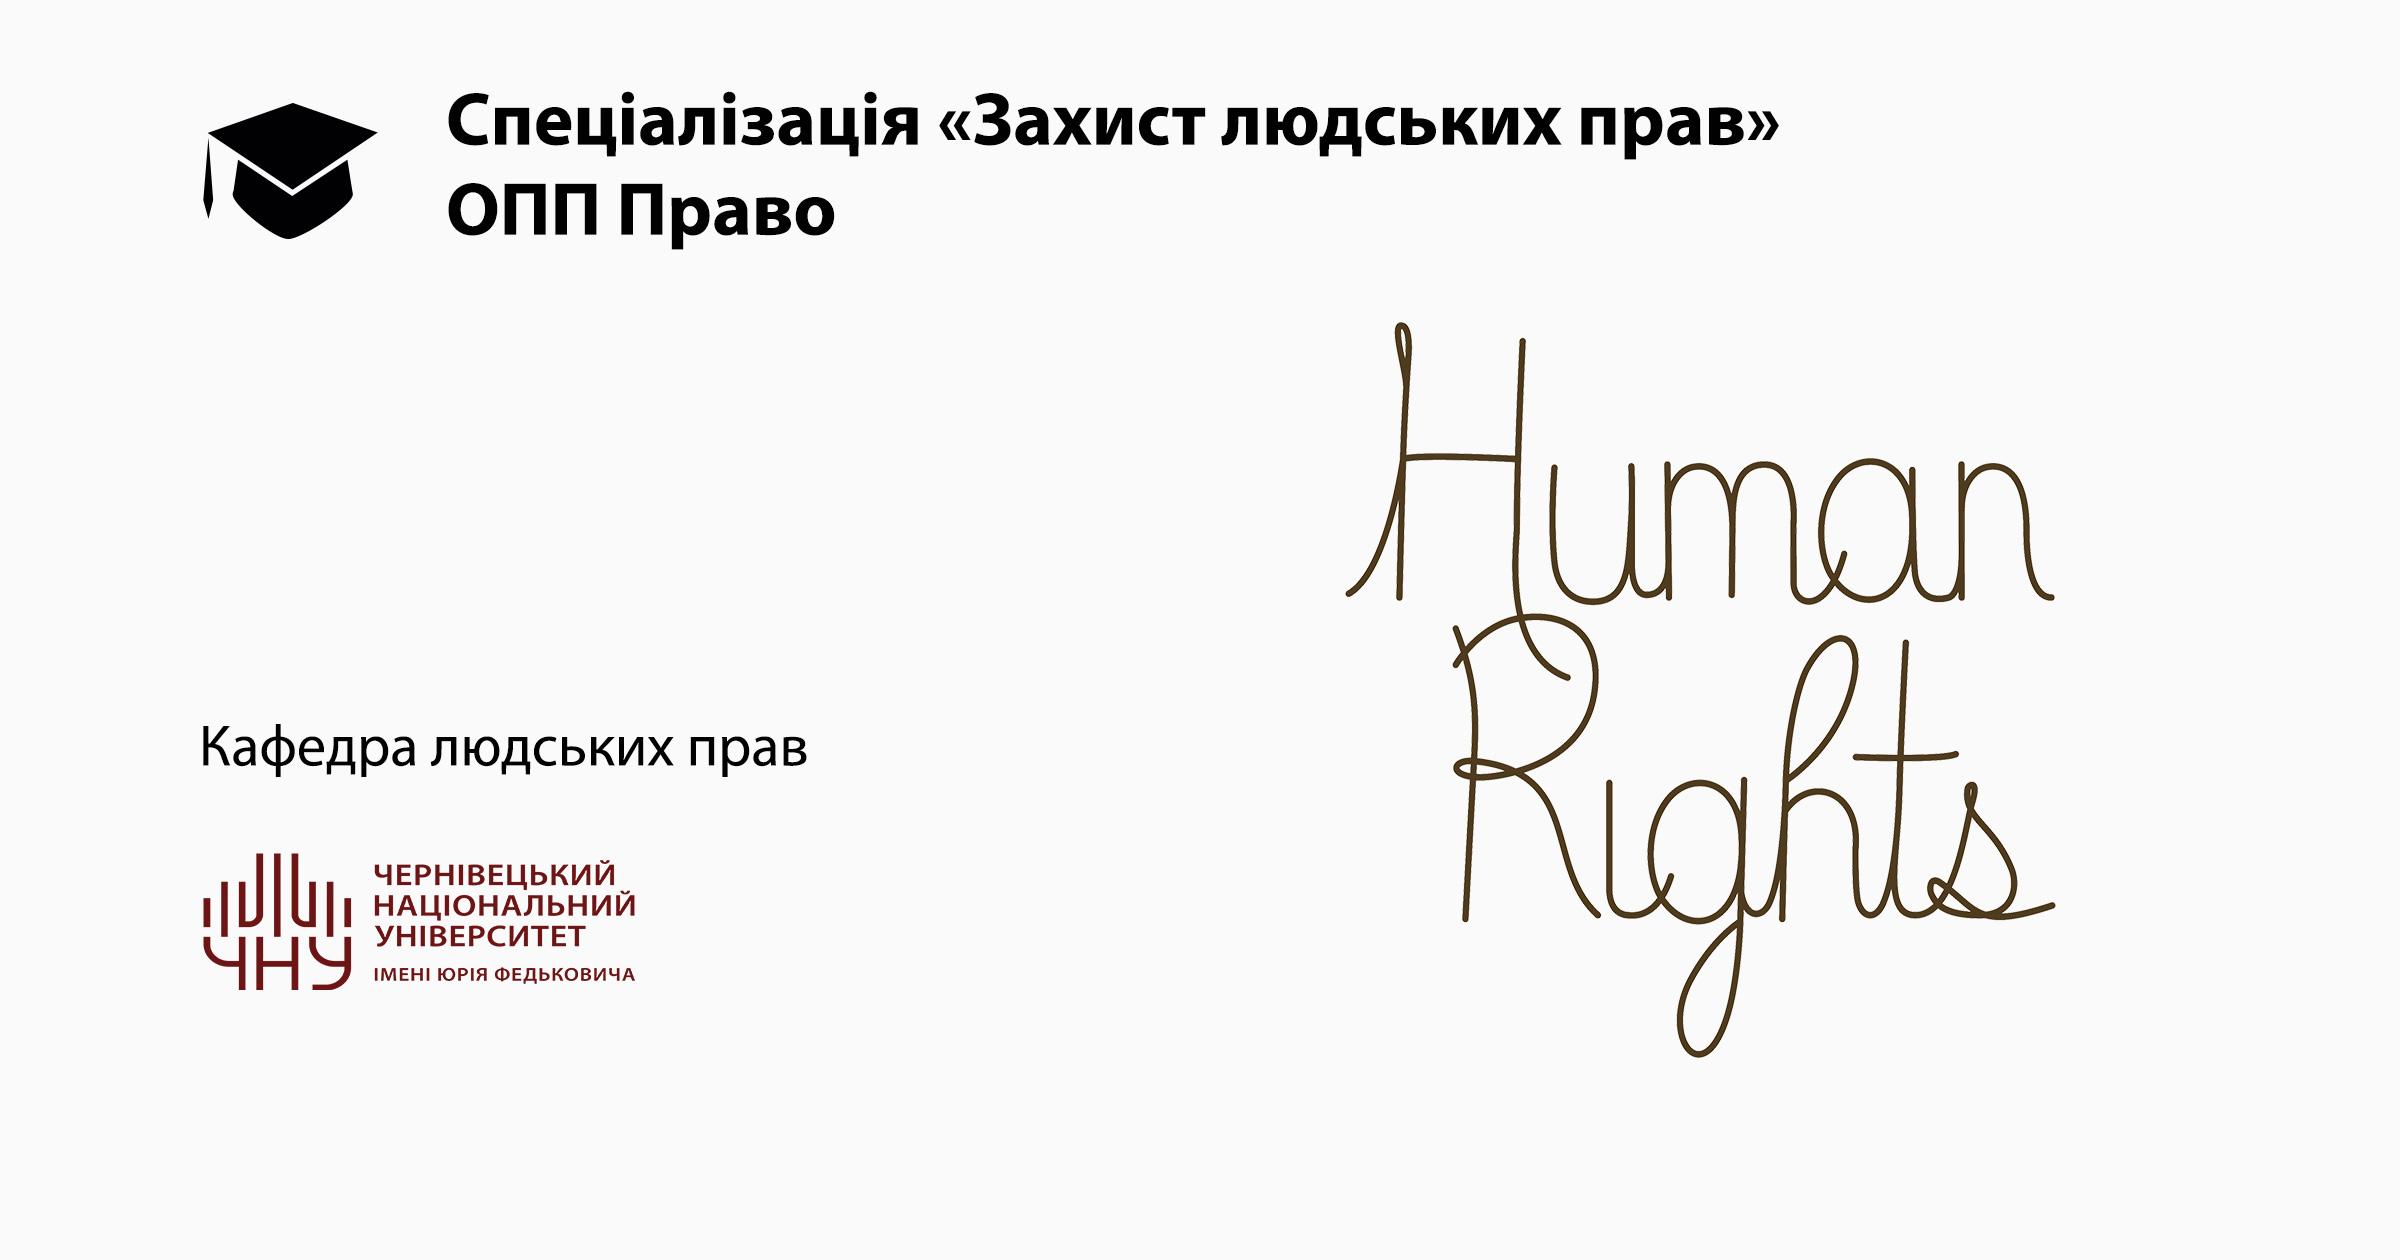 Спеціалізація «Захист людських прав» ОПП Право